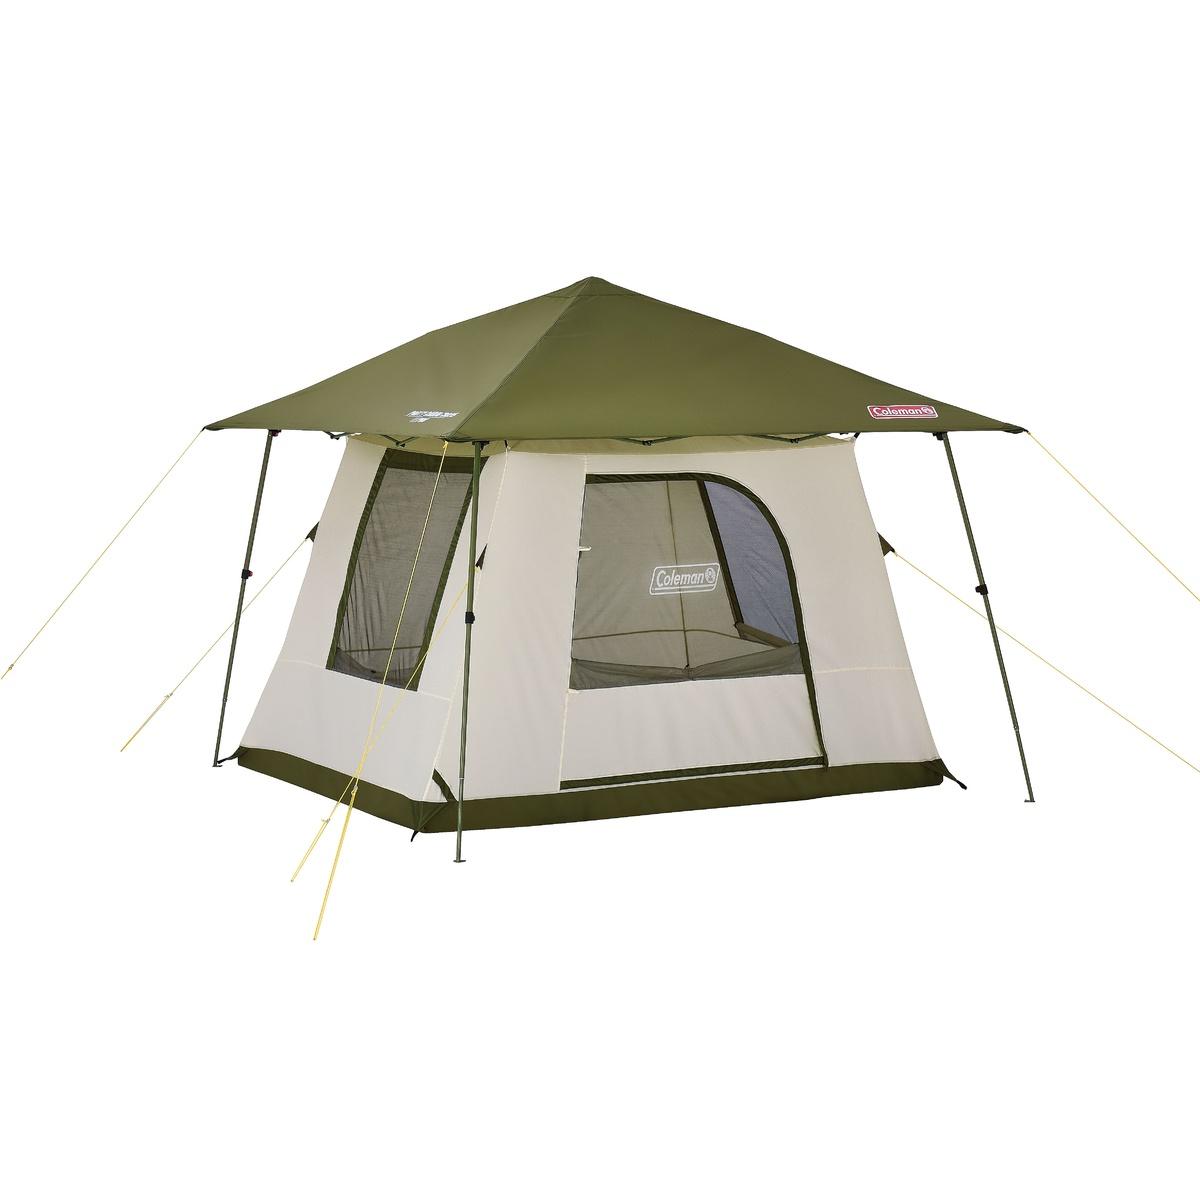 コールマン キャンプ用品 新色追加 ファミリータープ パーティーキャビン COLEMAN 3025 2000036439 捧呈